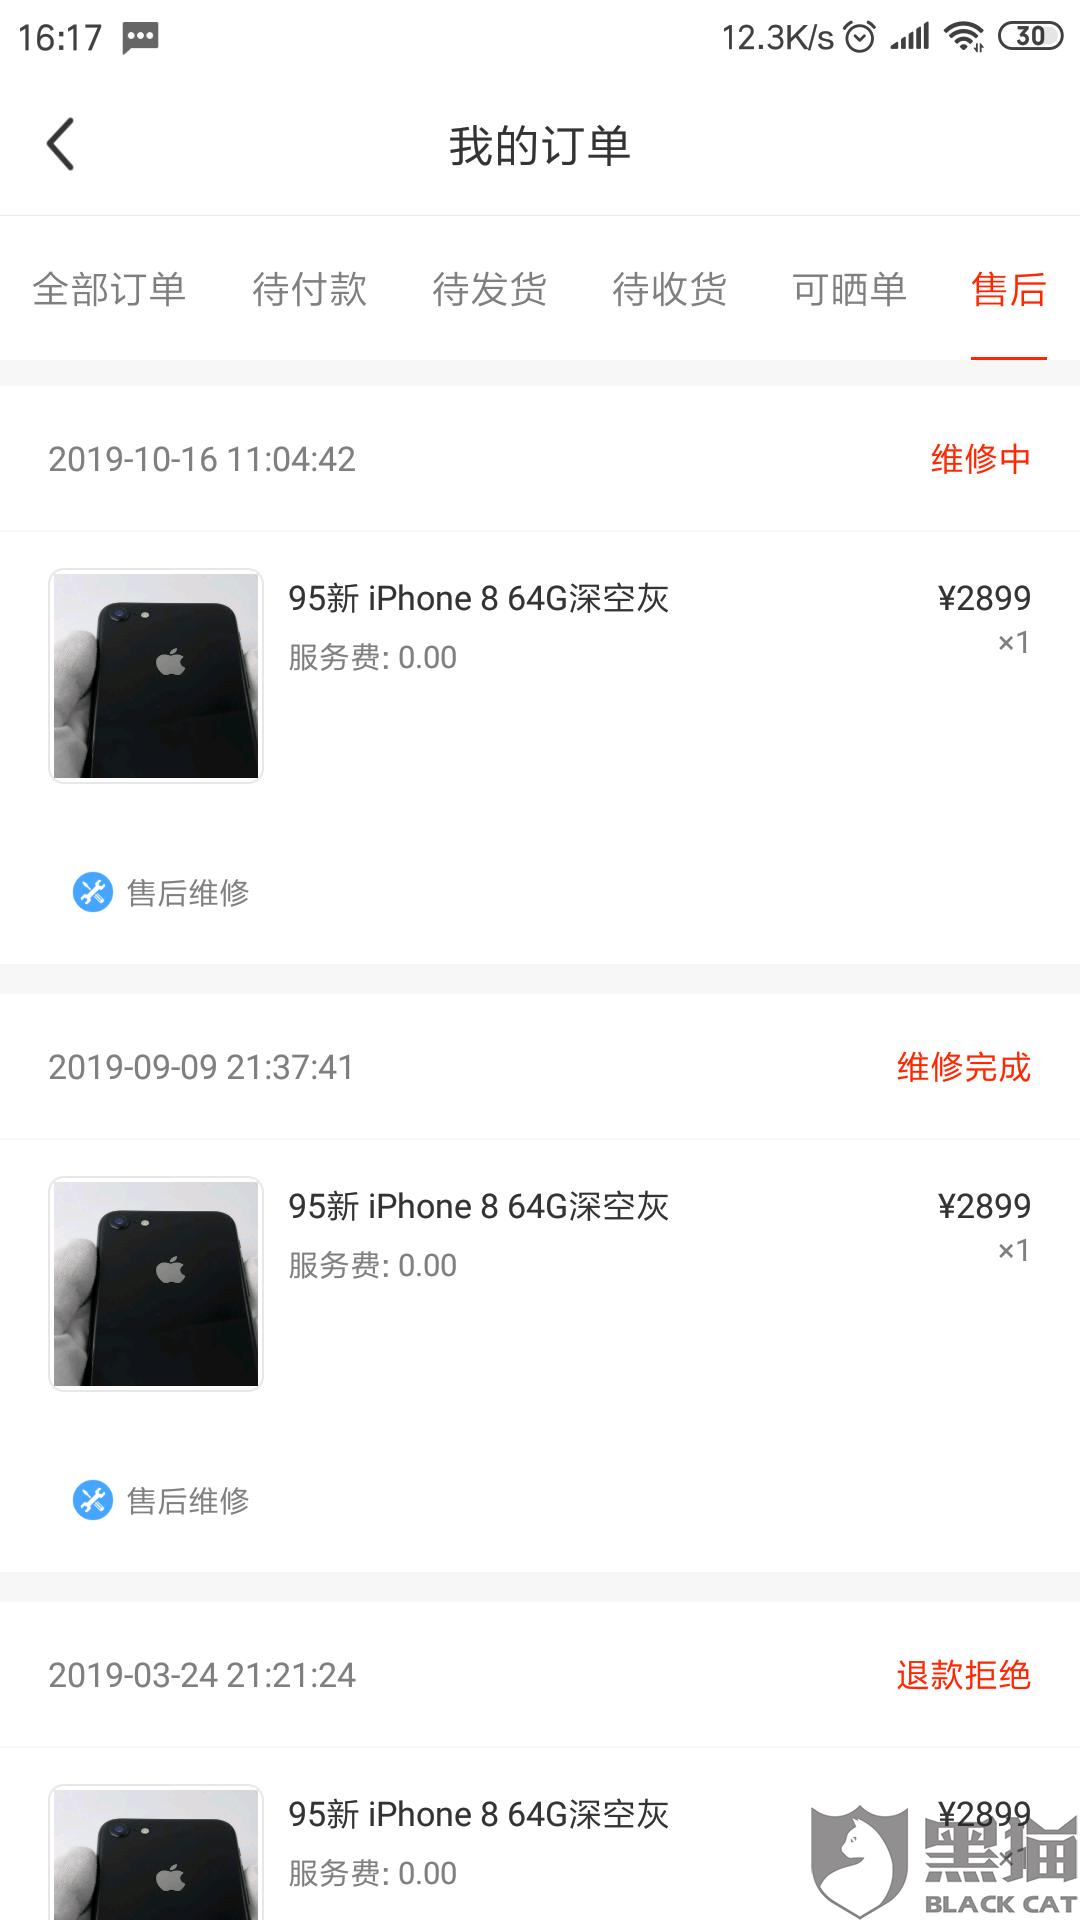 黑猫投诉:找靓机app .  深圳市万事富科技有限公司